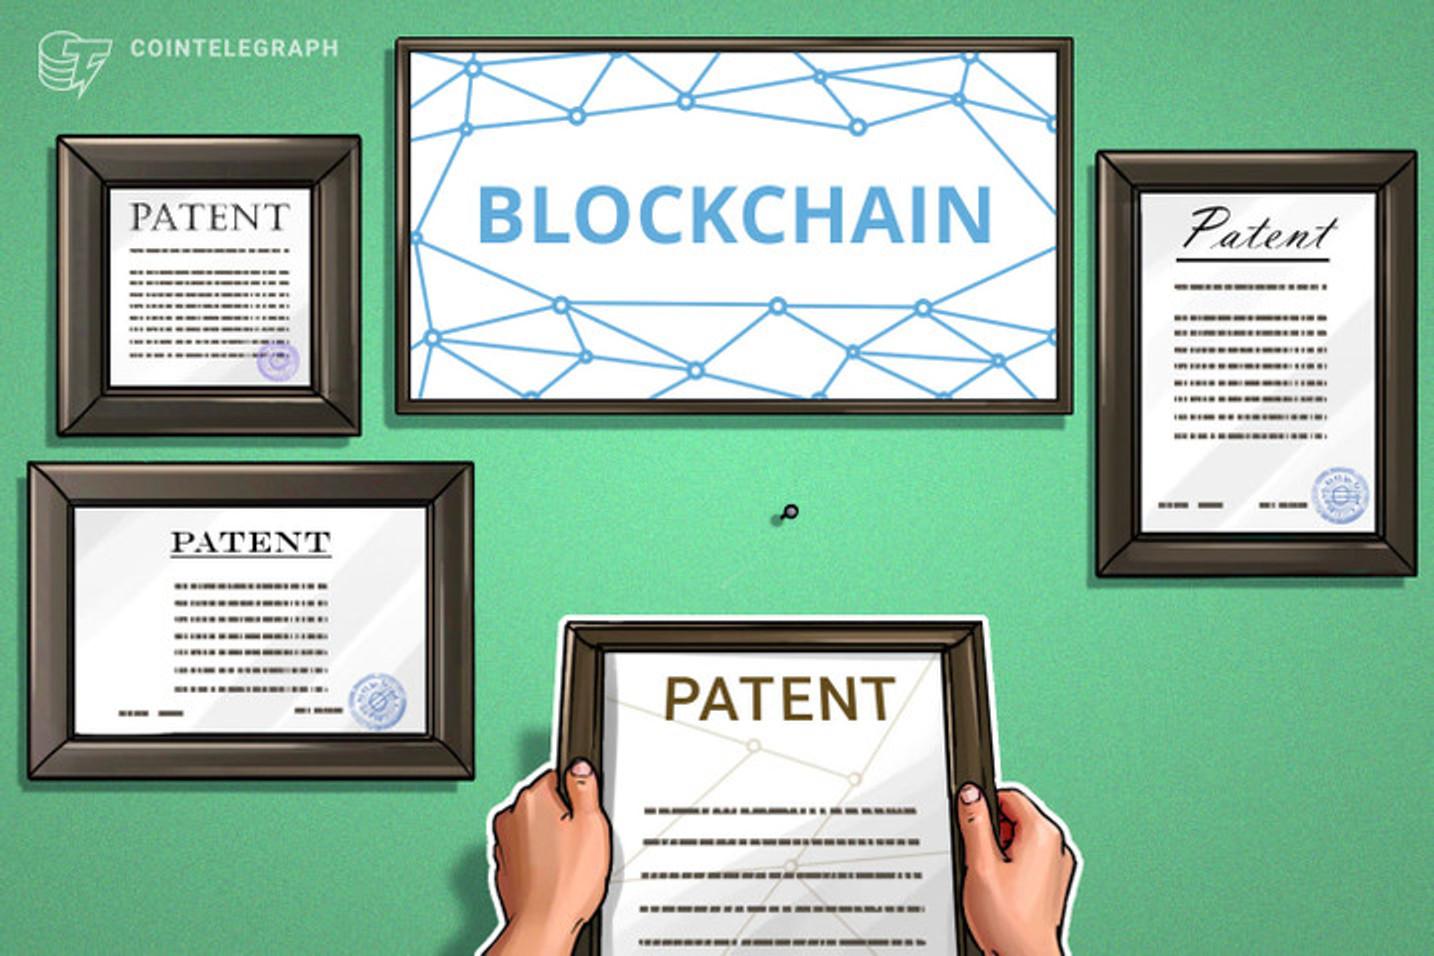 Fraunhofer Institut und bayerisches Ministerium gewinnen Preis für Blockchain-Projekt